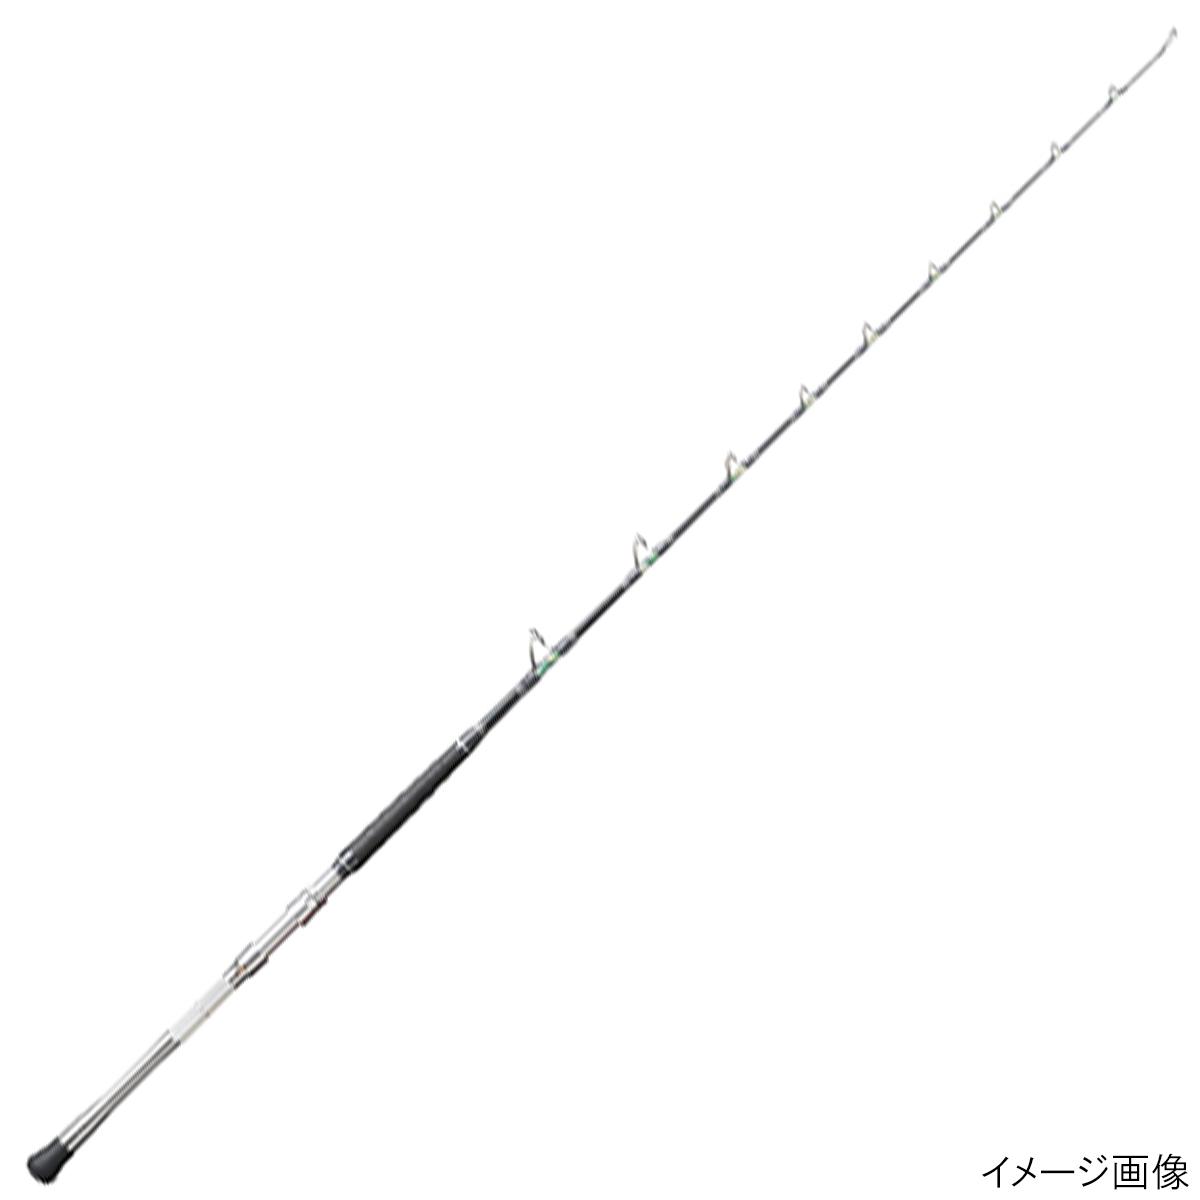 グラシスタ A.R.Aスペシャル 185MH/ブラック【大型商品】